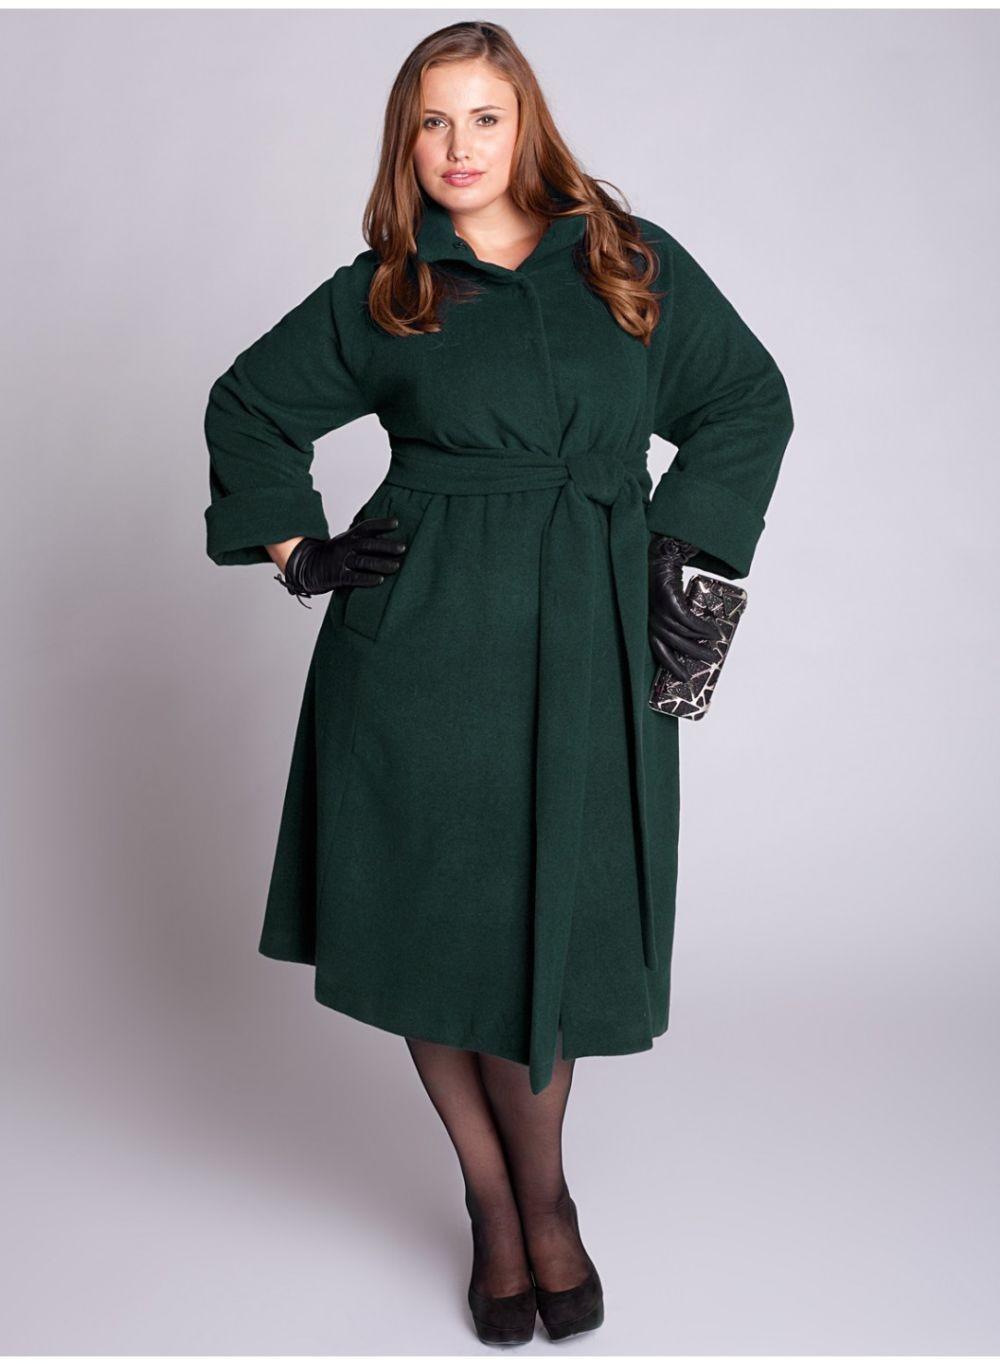 Мода для полных женщин 2018 фото за 40 лет: пальто зеленое миди